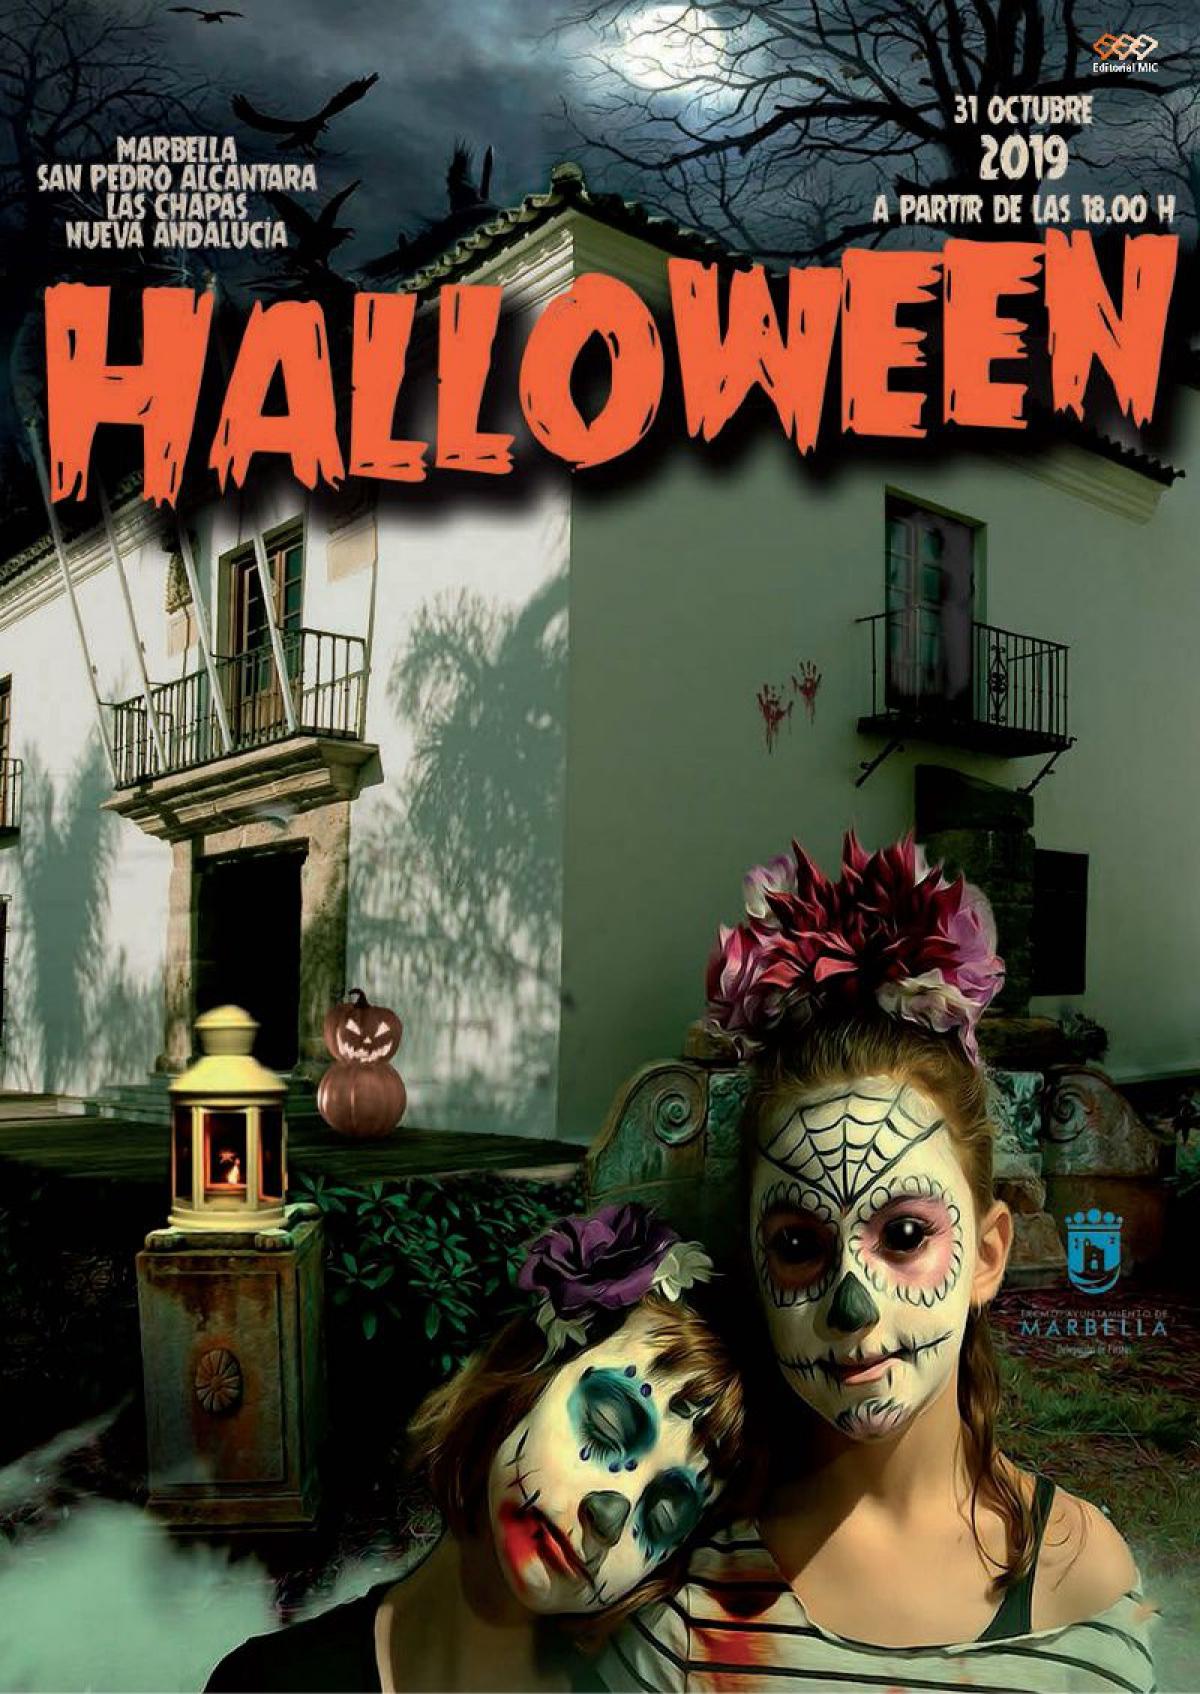 La ciudad celebrará mañana la fiesta de Halloween con actividades en Marbella, San Pedro Alcántara, Nueva Andalucía y Las Chapas